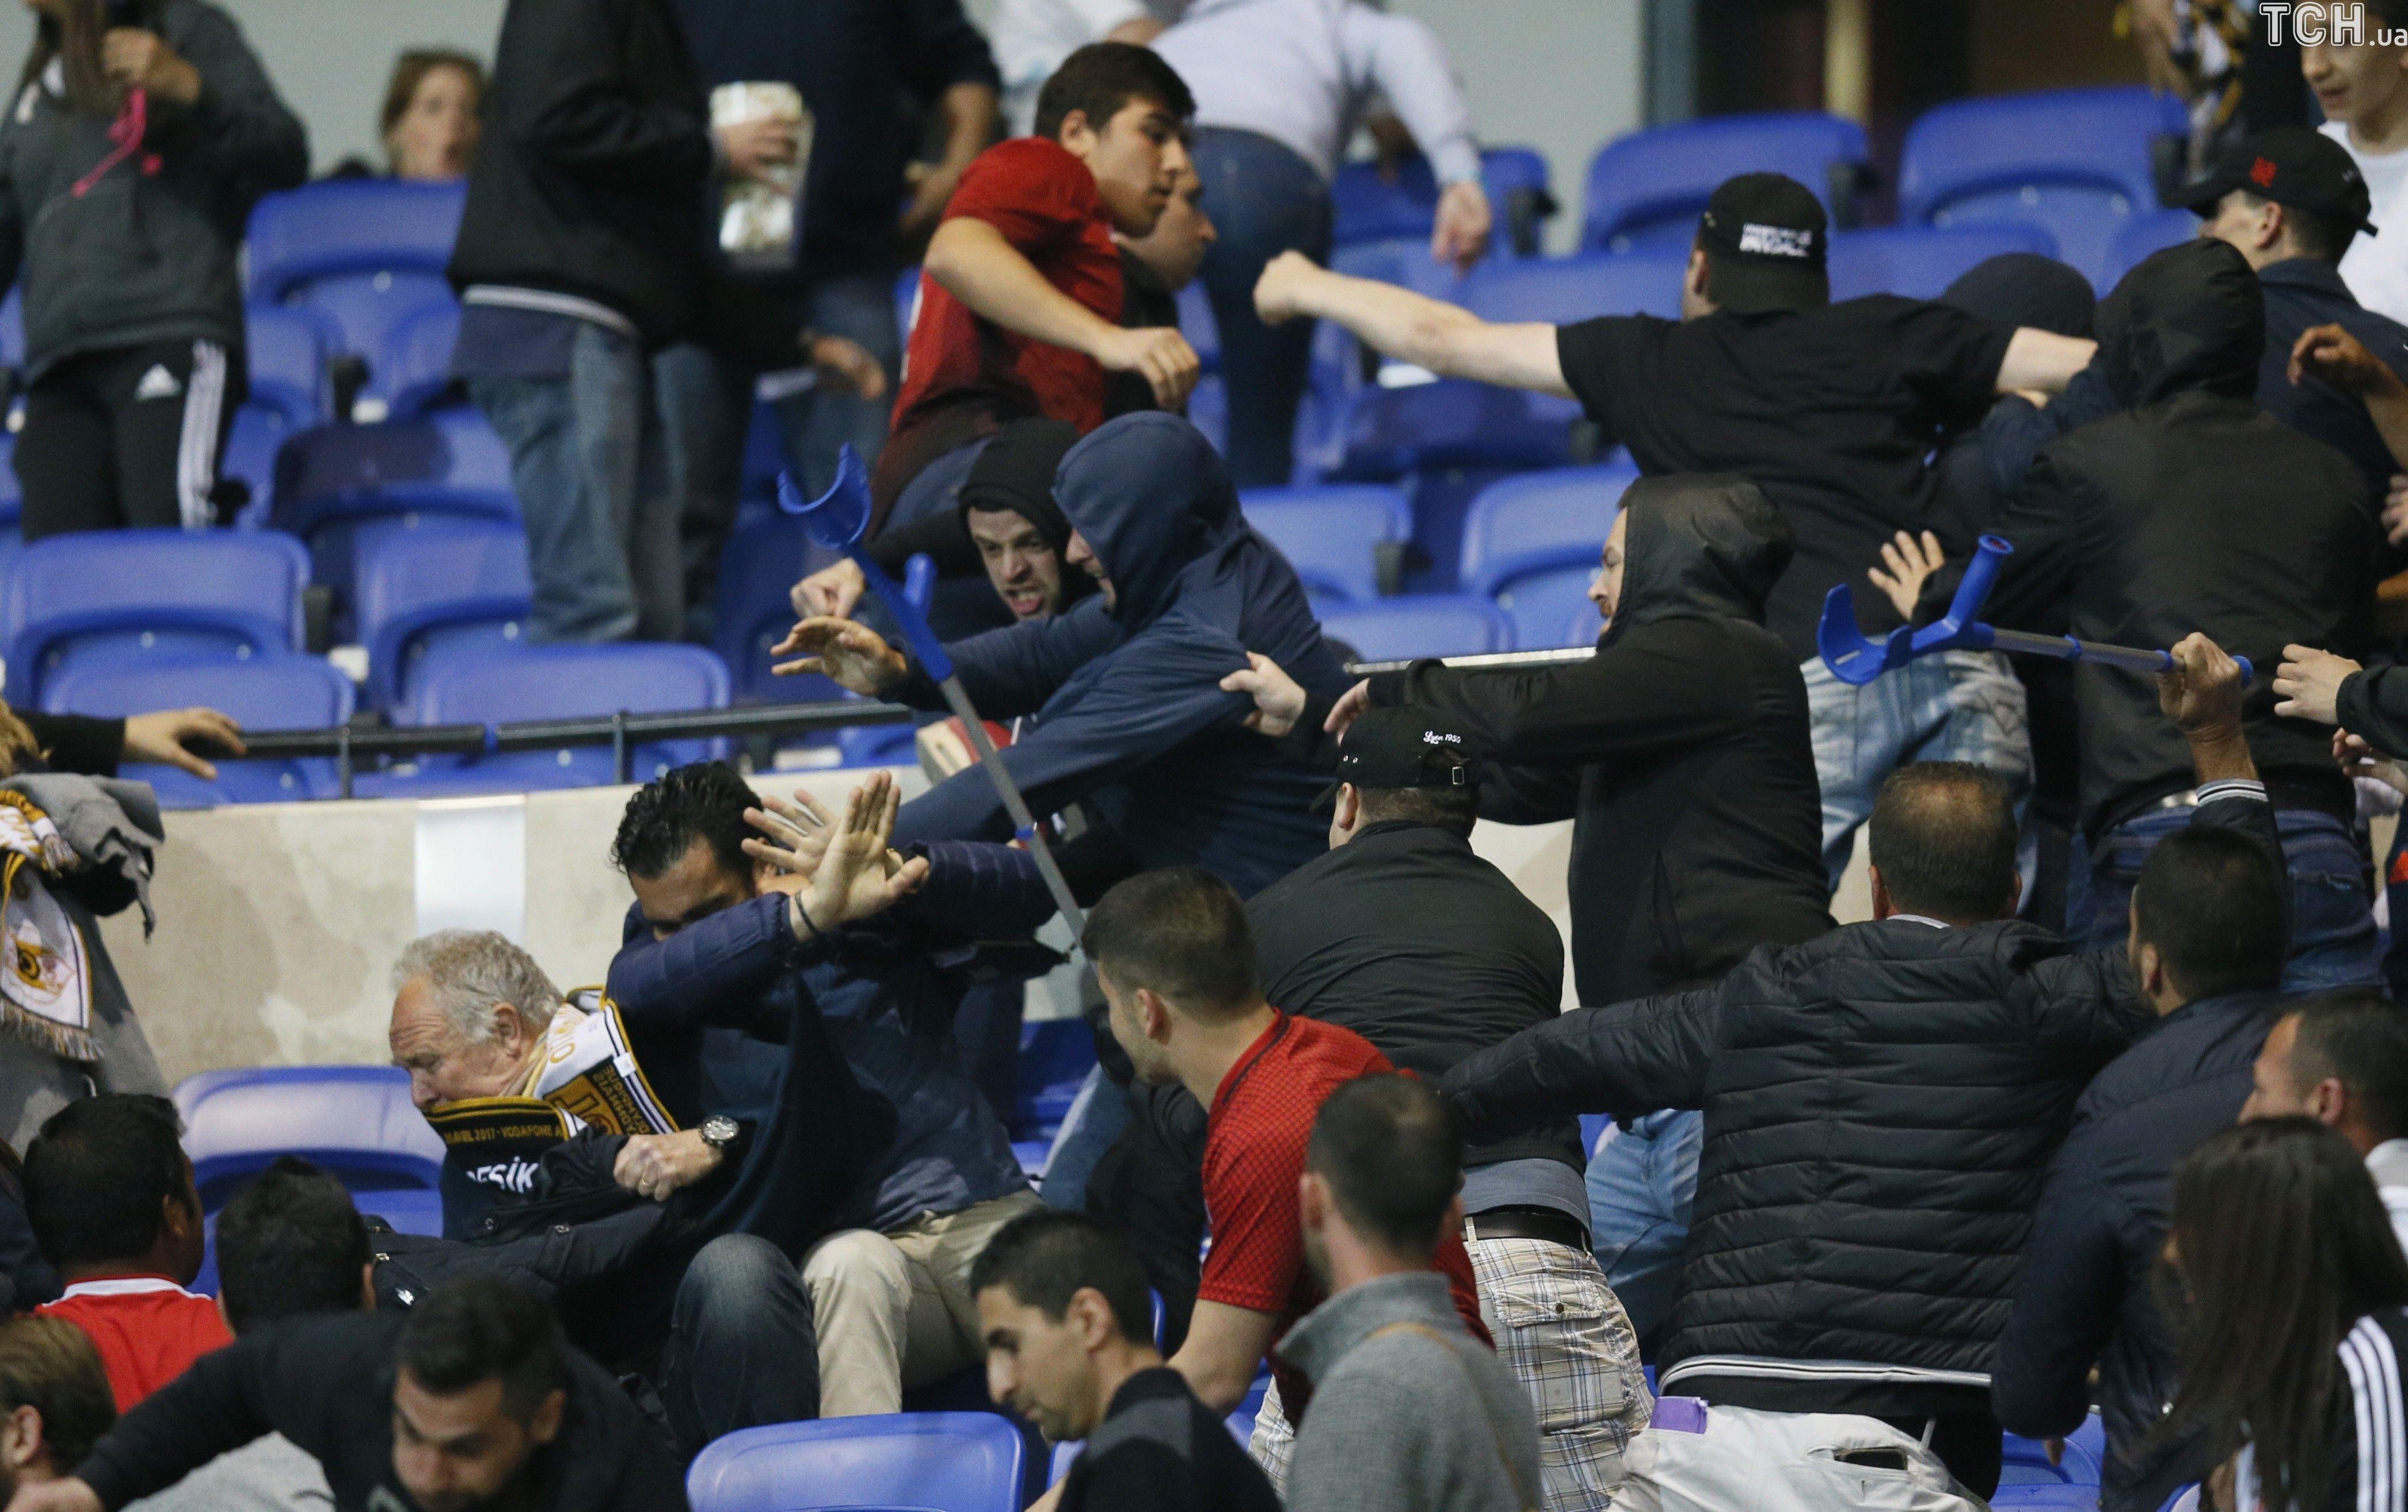 Турецьки фани Бешикташа зірвали матч з Ліоном_3